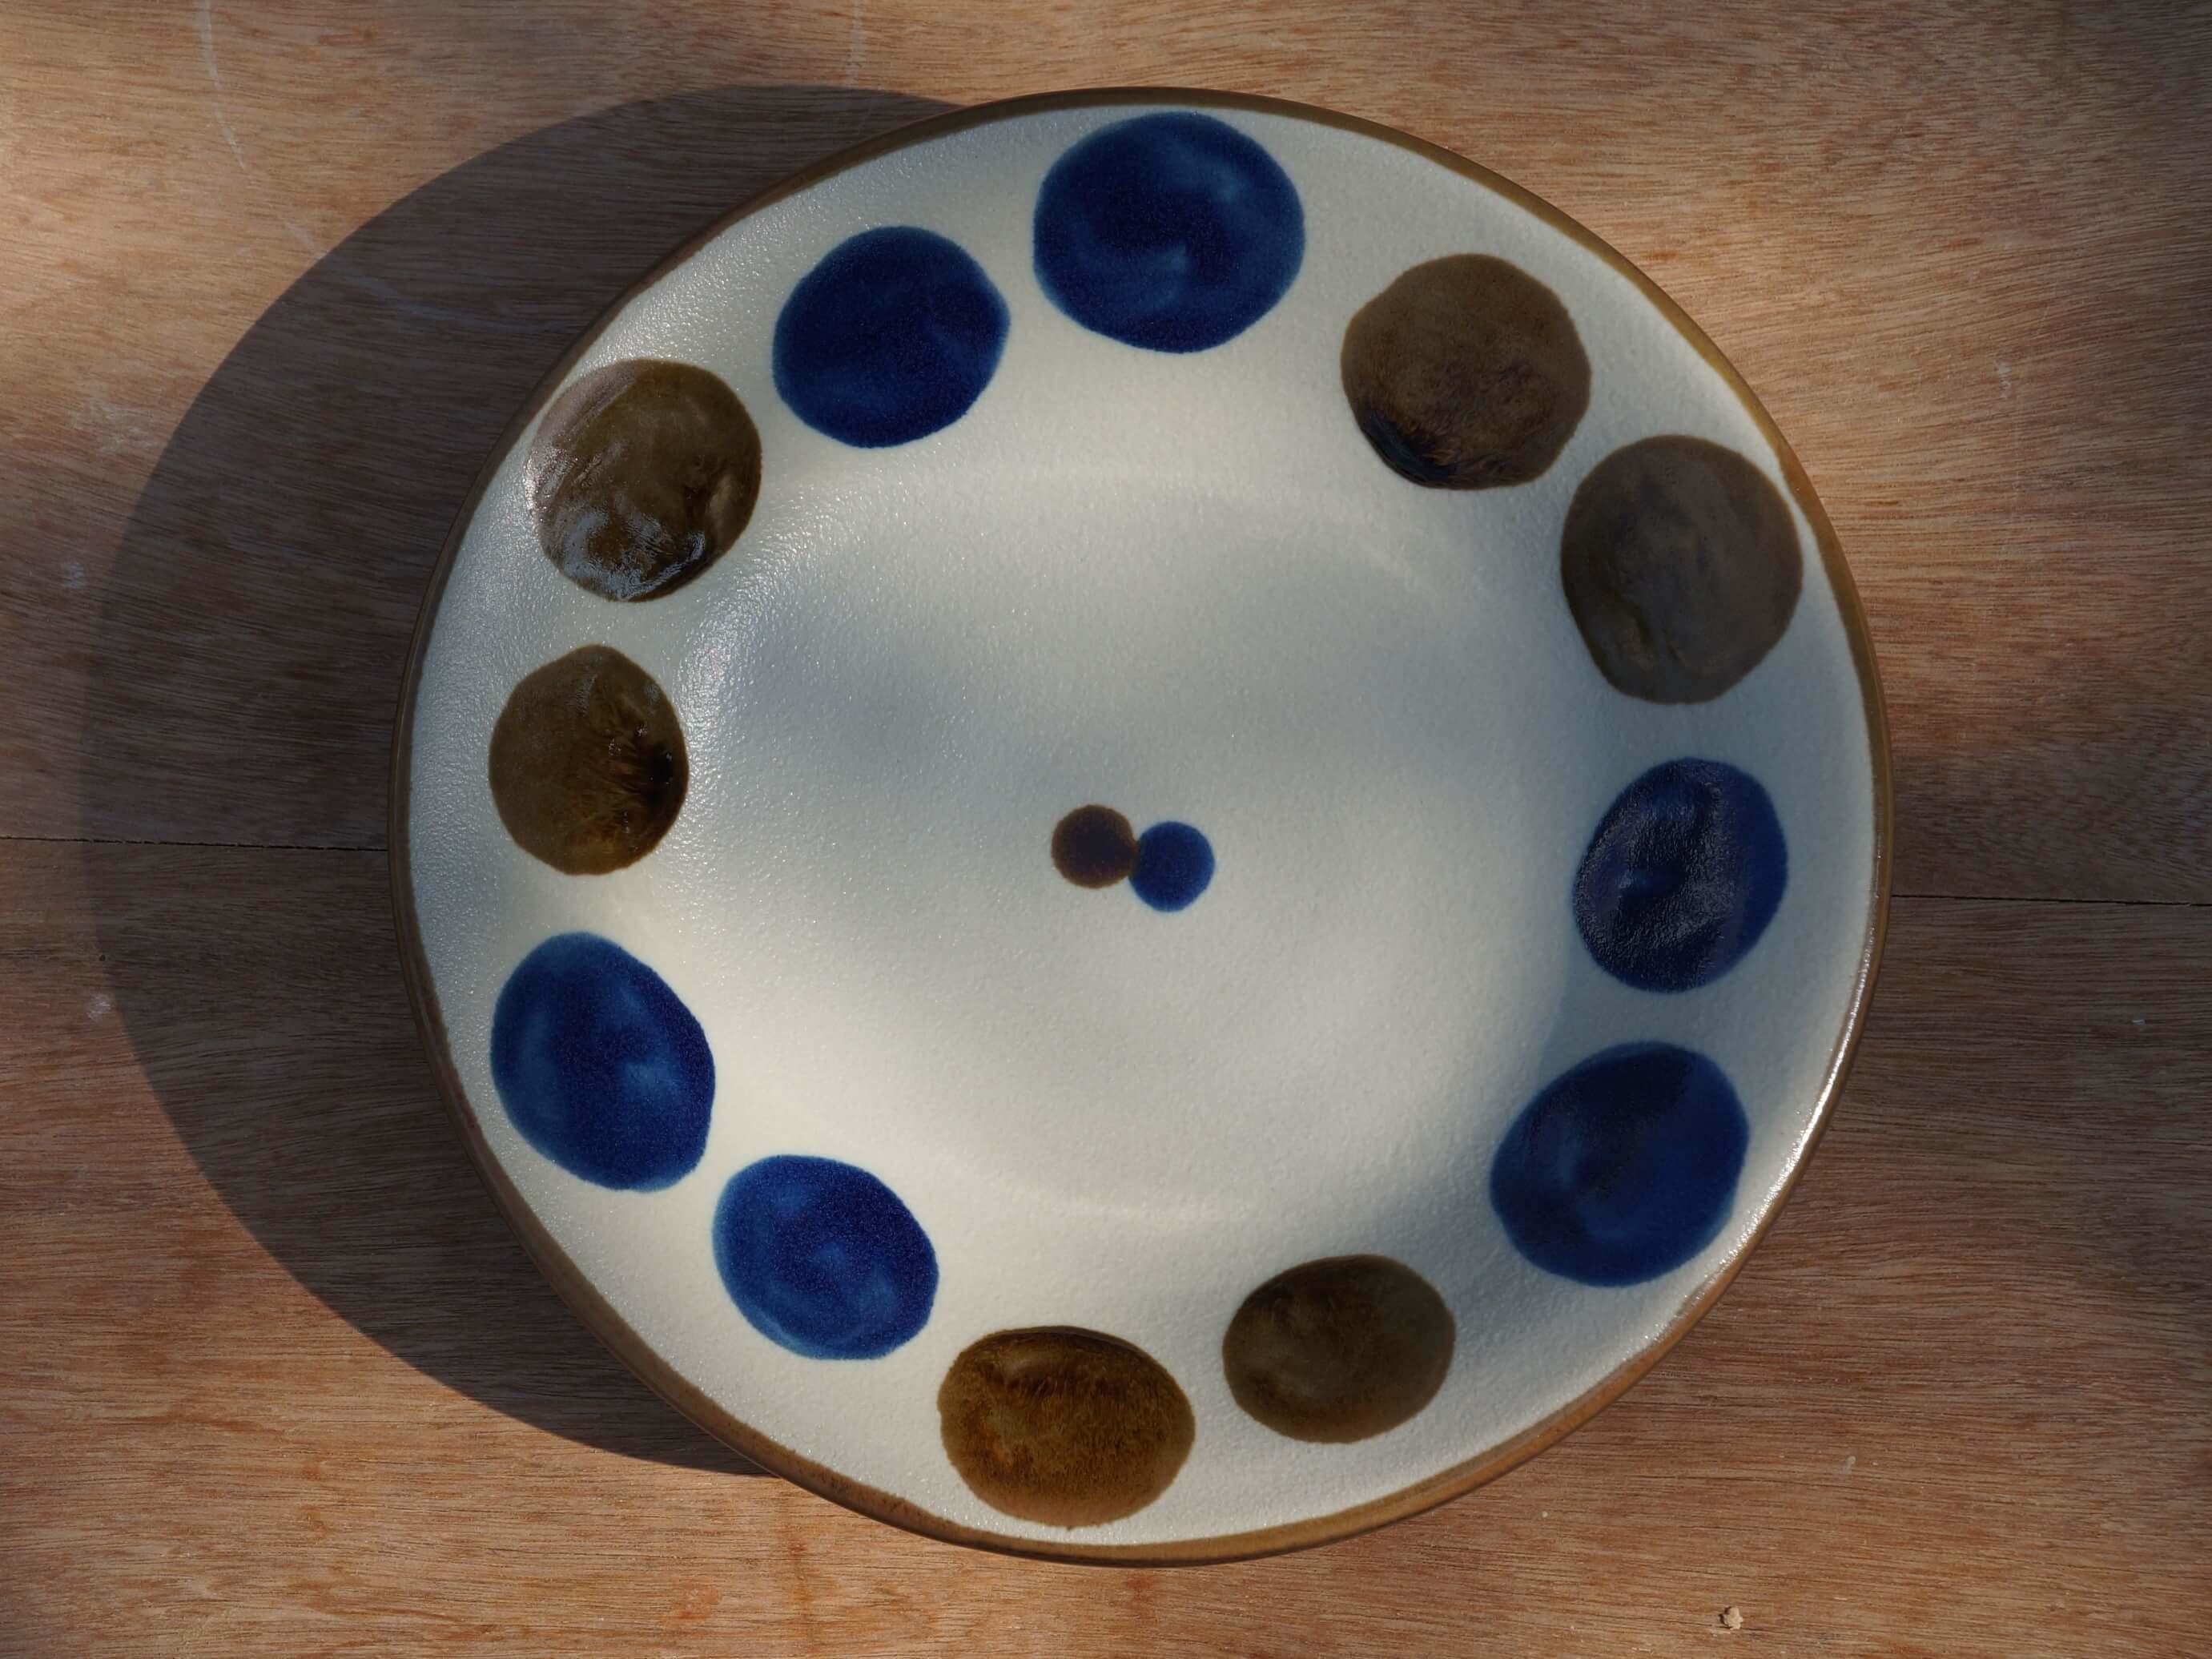 コバルトが鮮やかな6寸皿(約18cm) ヤチムン大城工房 大城雅史 やちむん